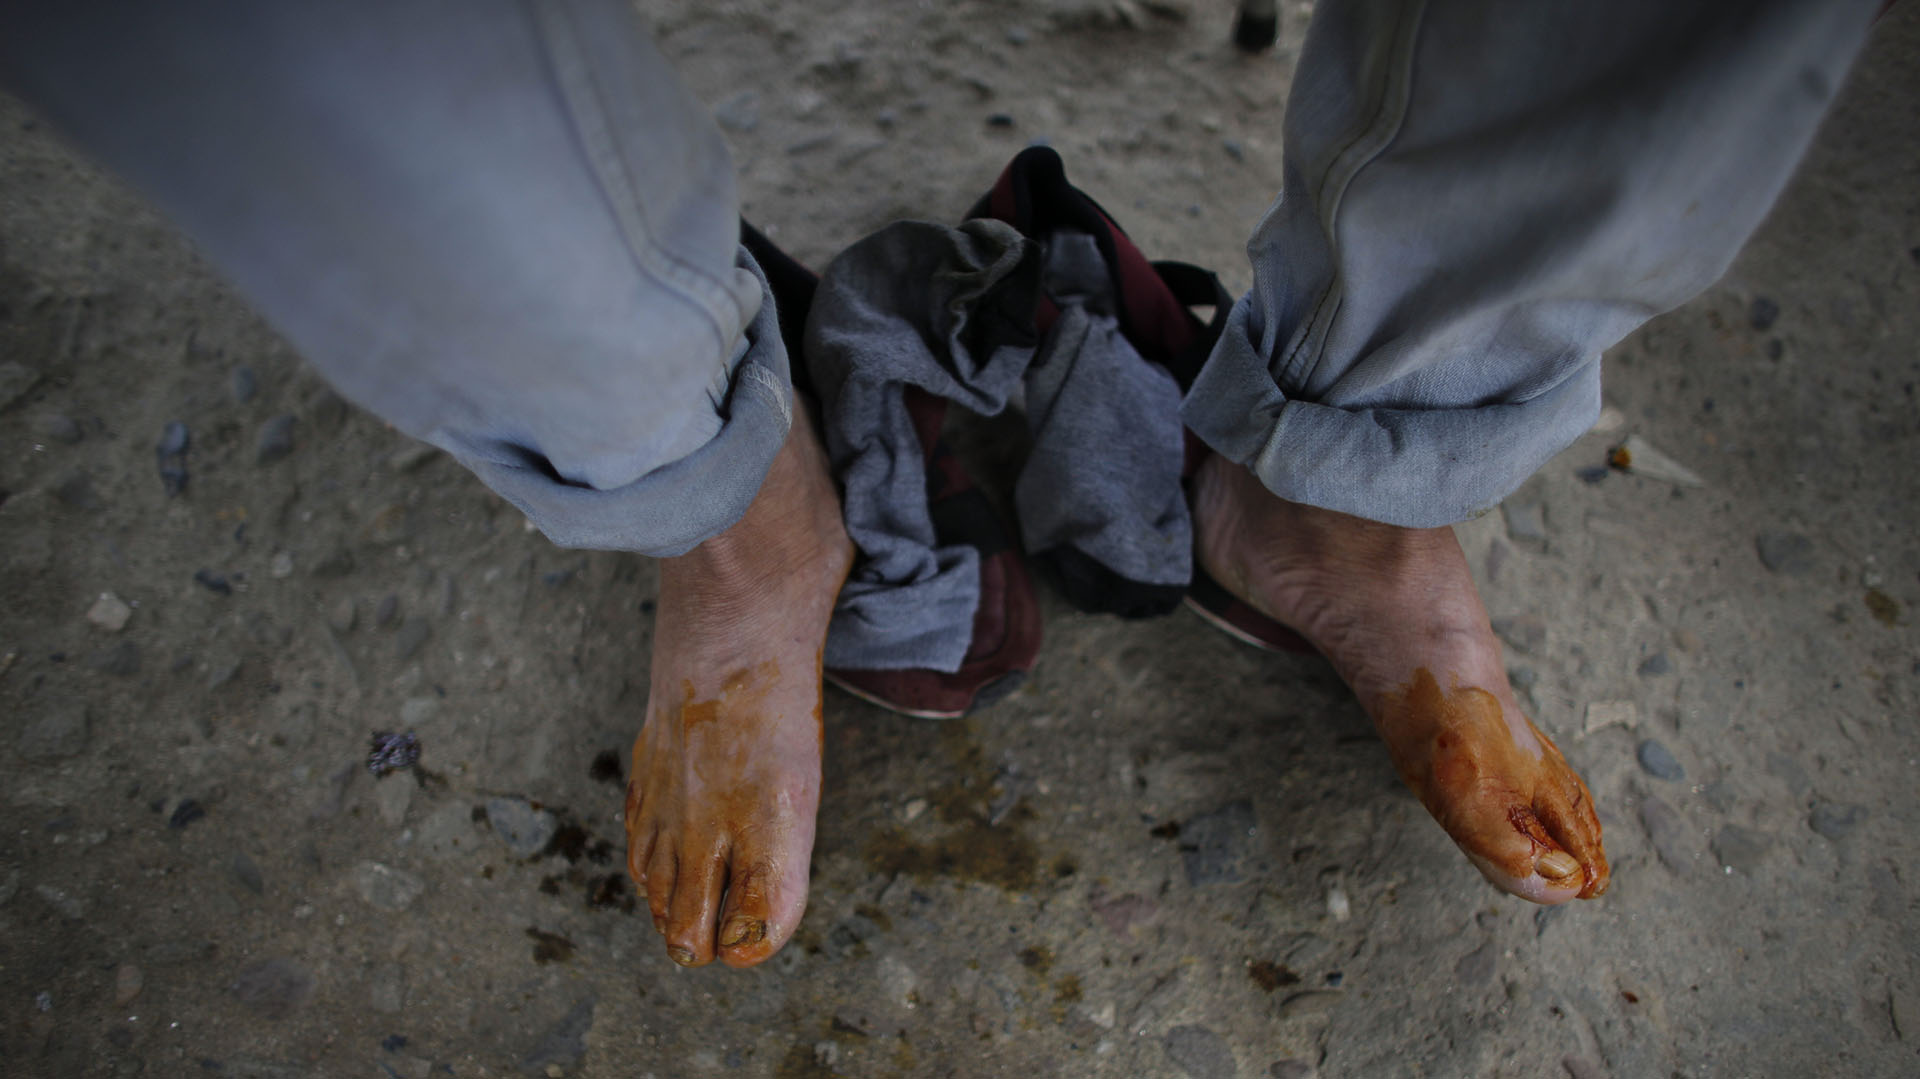 Orlando, de 44 años, acaba de recibir asistencia médica en sus lastimados pies (AP Photo/Ariana Cubillos)